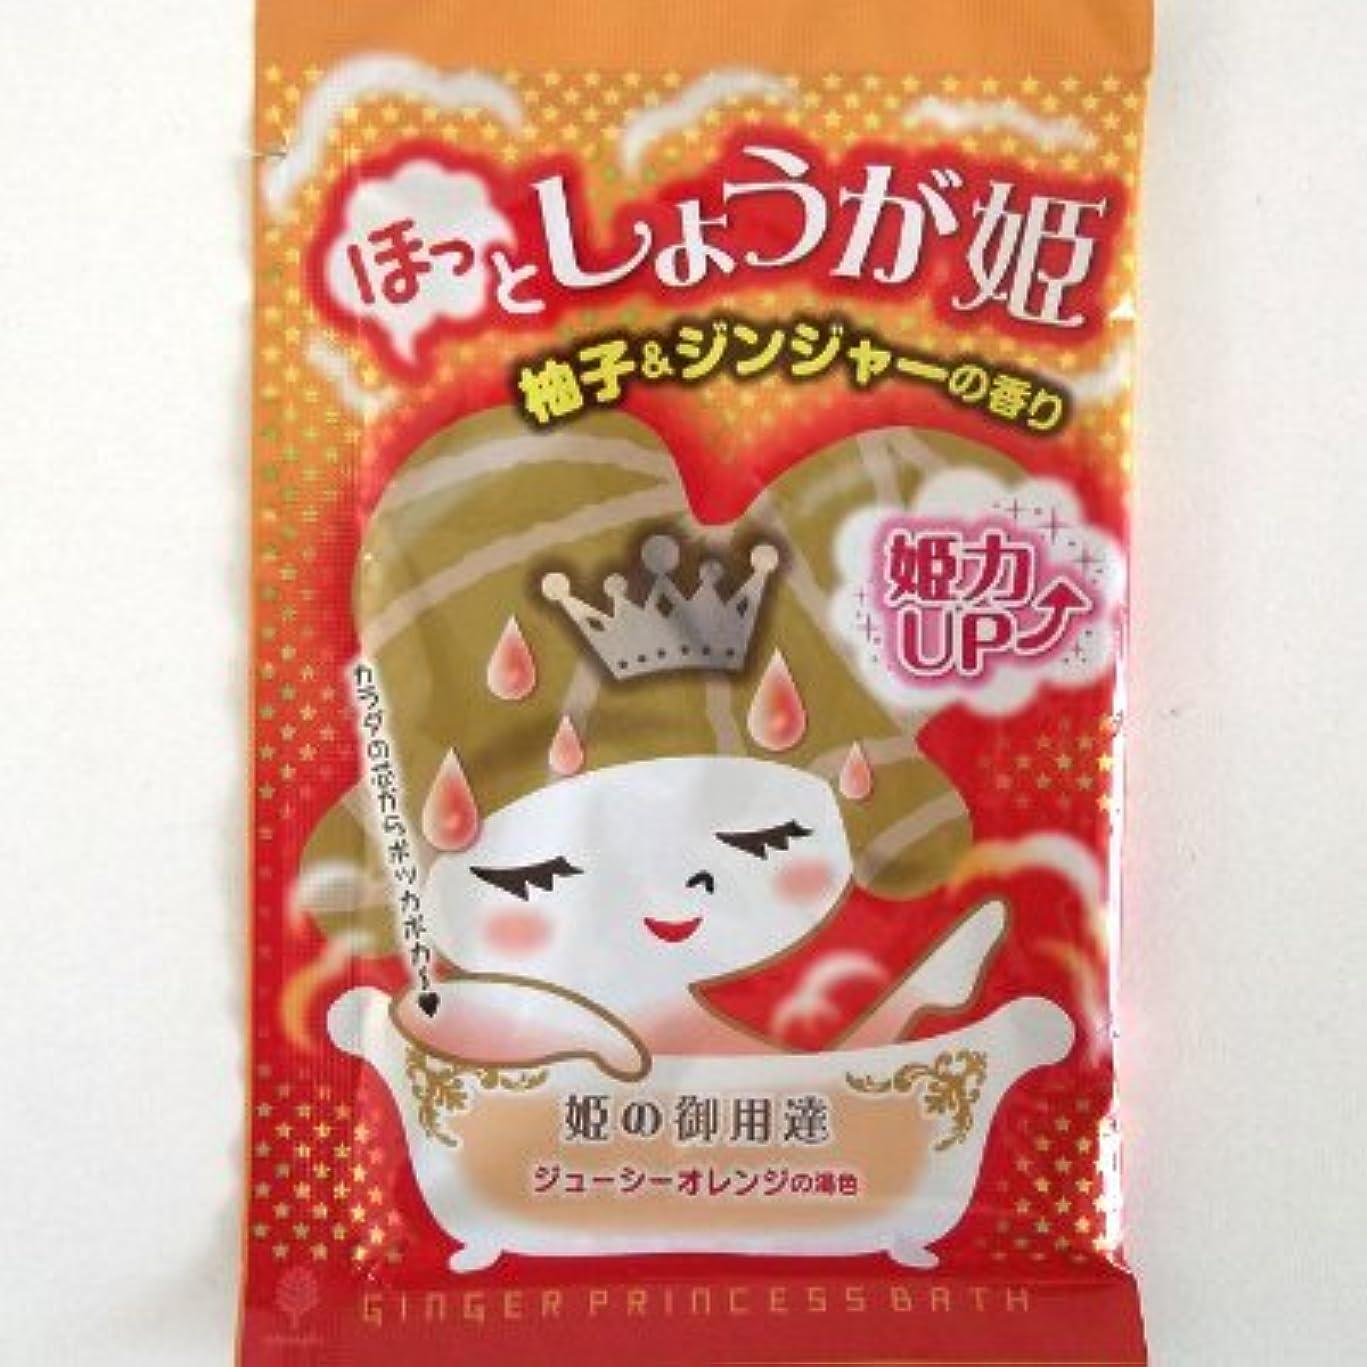 豊富ビュッフェ構築する紀陽除虫菊 ほっとしょうが姫 柚子&ジンジャーの香り【まとめ買い12個セット】 N-8400